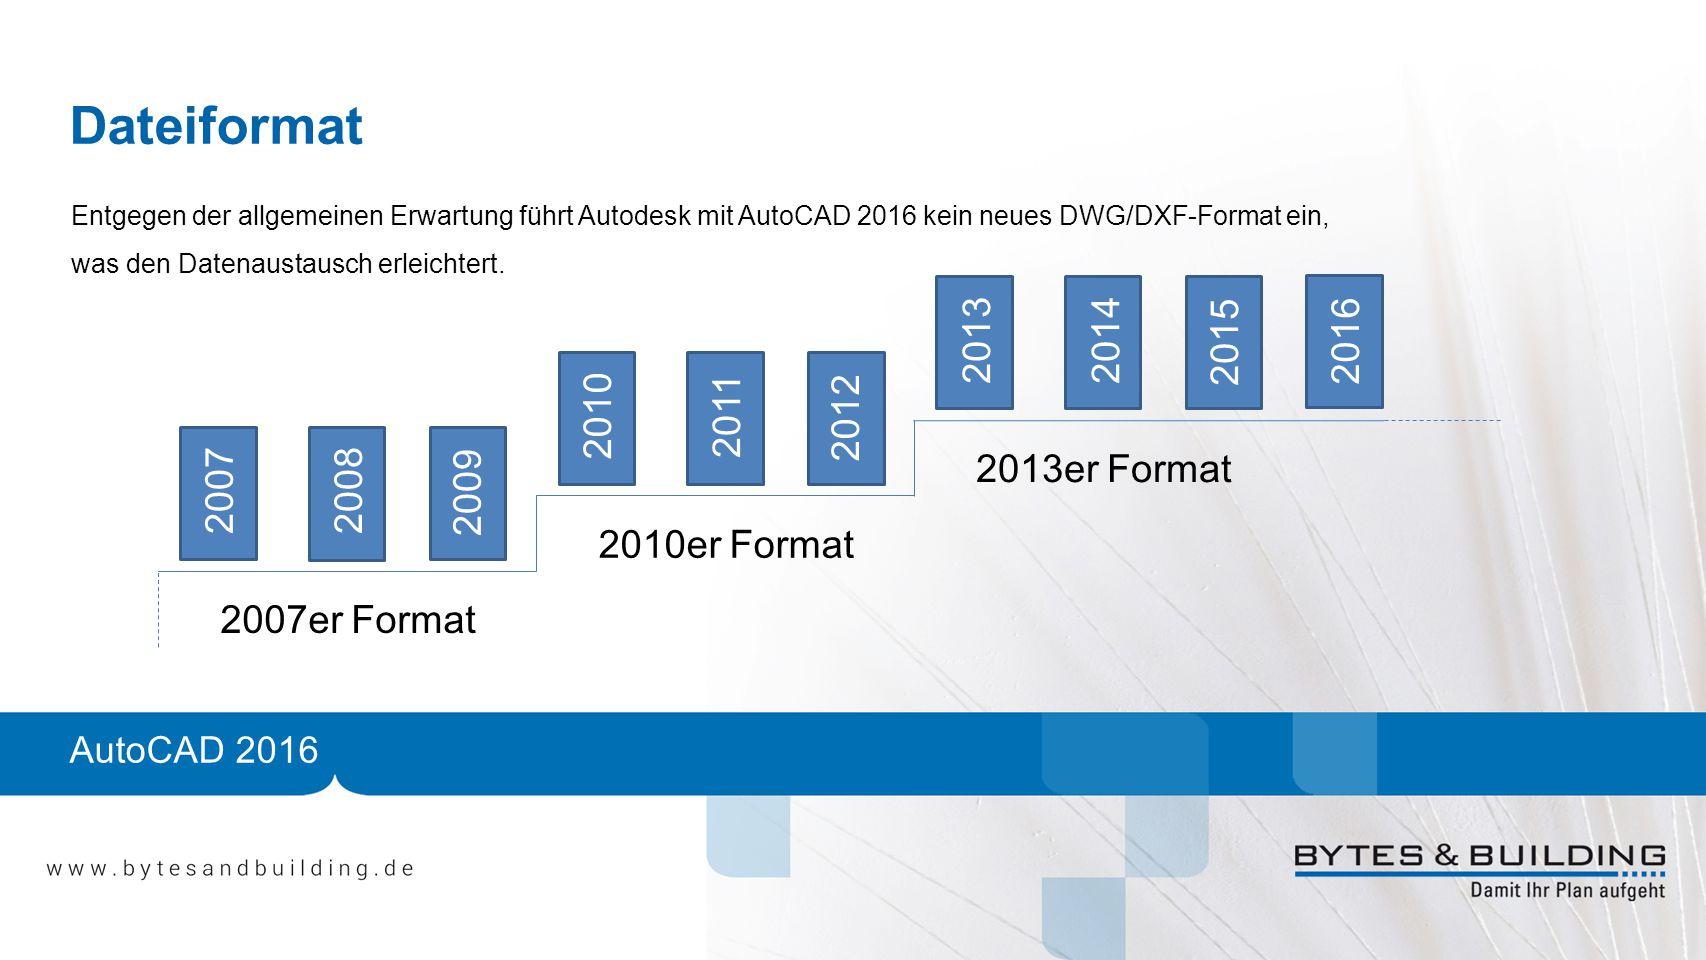 Dateiformat Entgegen der allgemeinen Erwartung führt Autodesk mit AutoCAD 2016 kein neues DWG/DXF-Format ein, was den Datenaustausch erleichtert.